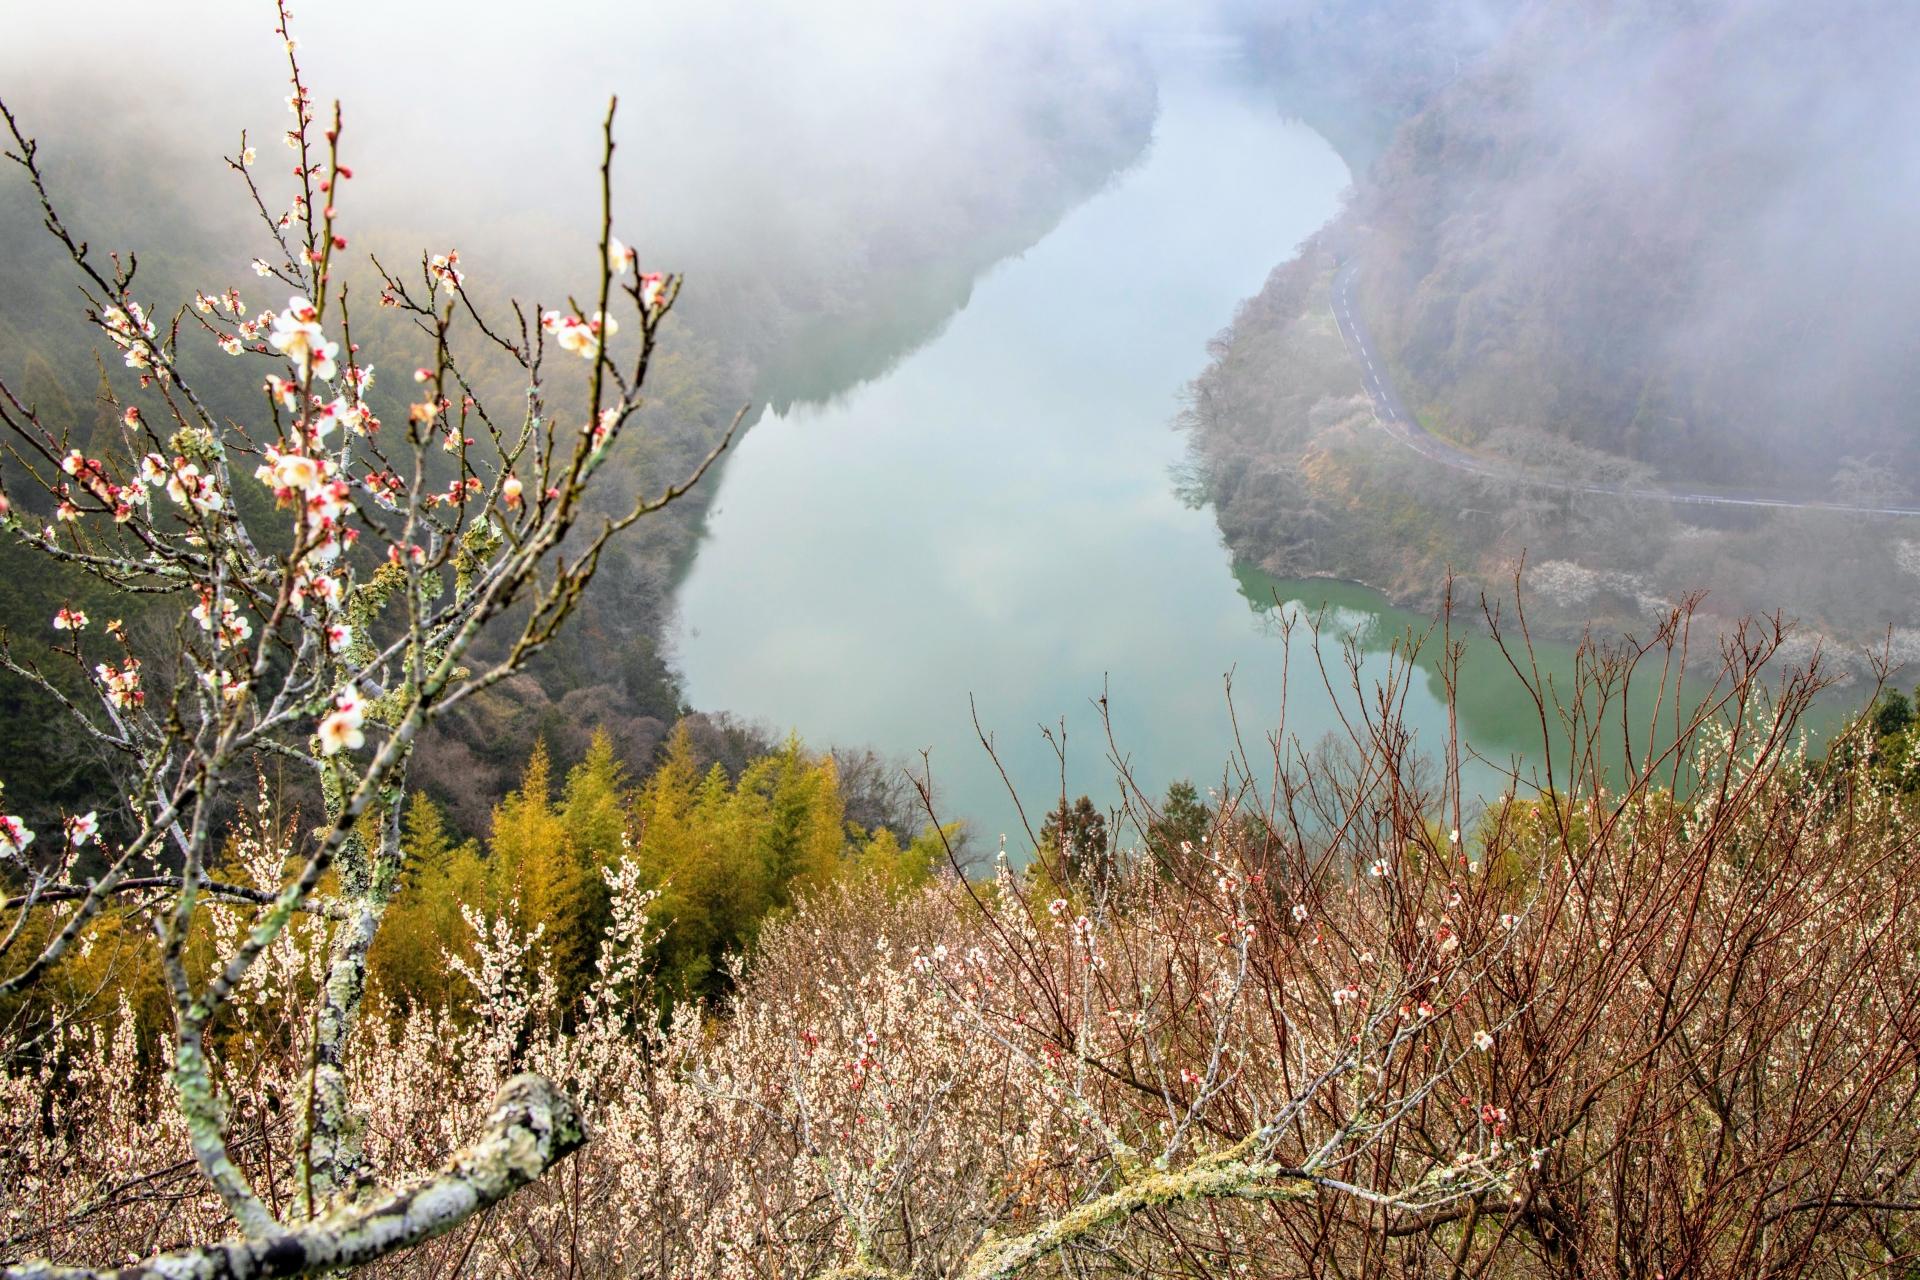 2340564_m 奈良県  月ヶ瀬梅林(約1万本の梅が咲く春におすすめの絶景スポット!雲海も見所! 写真の紹介、アクセス情報や駐車場情報など)